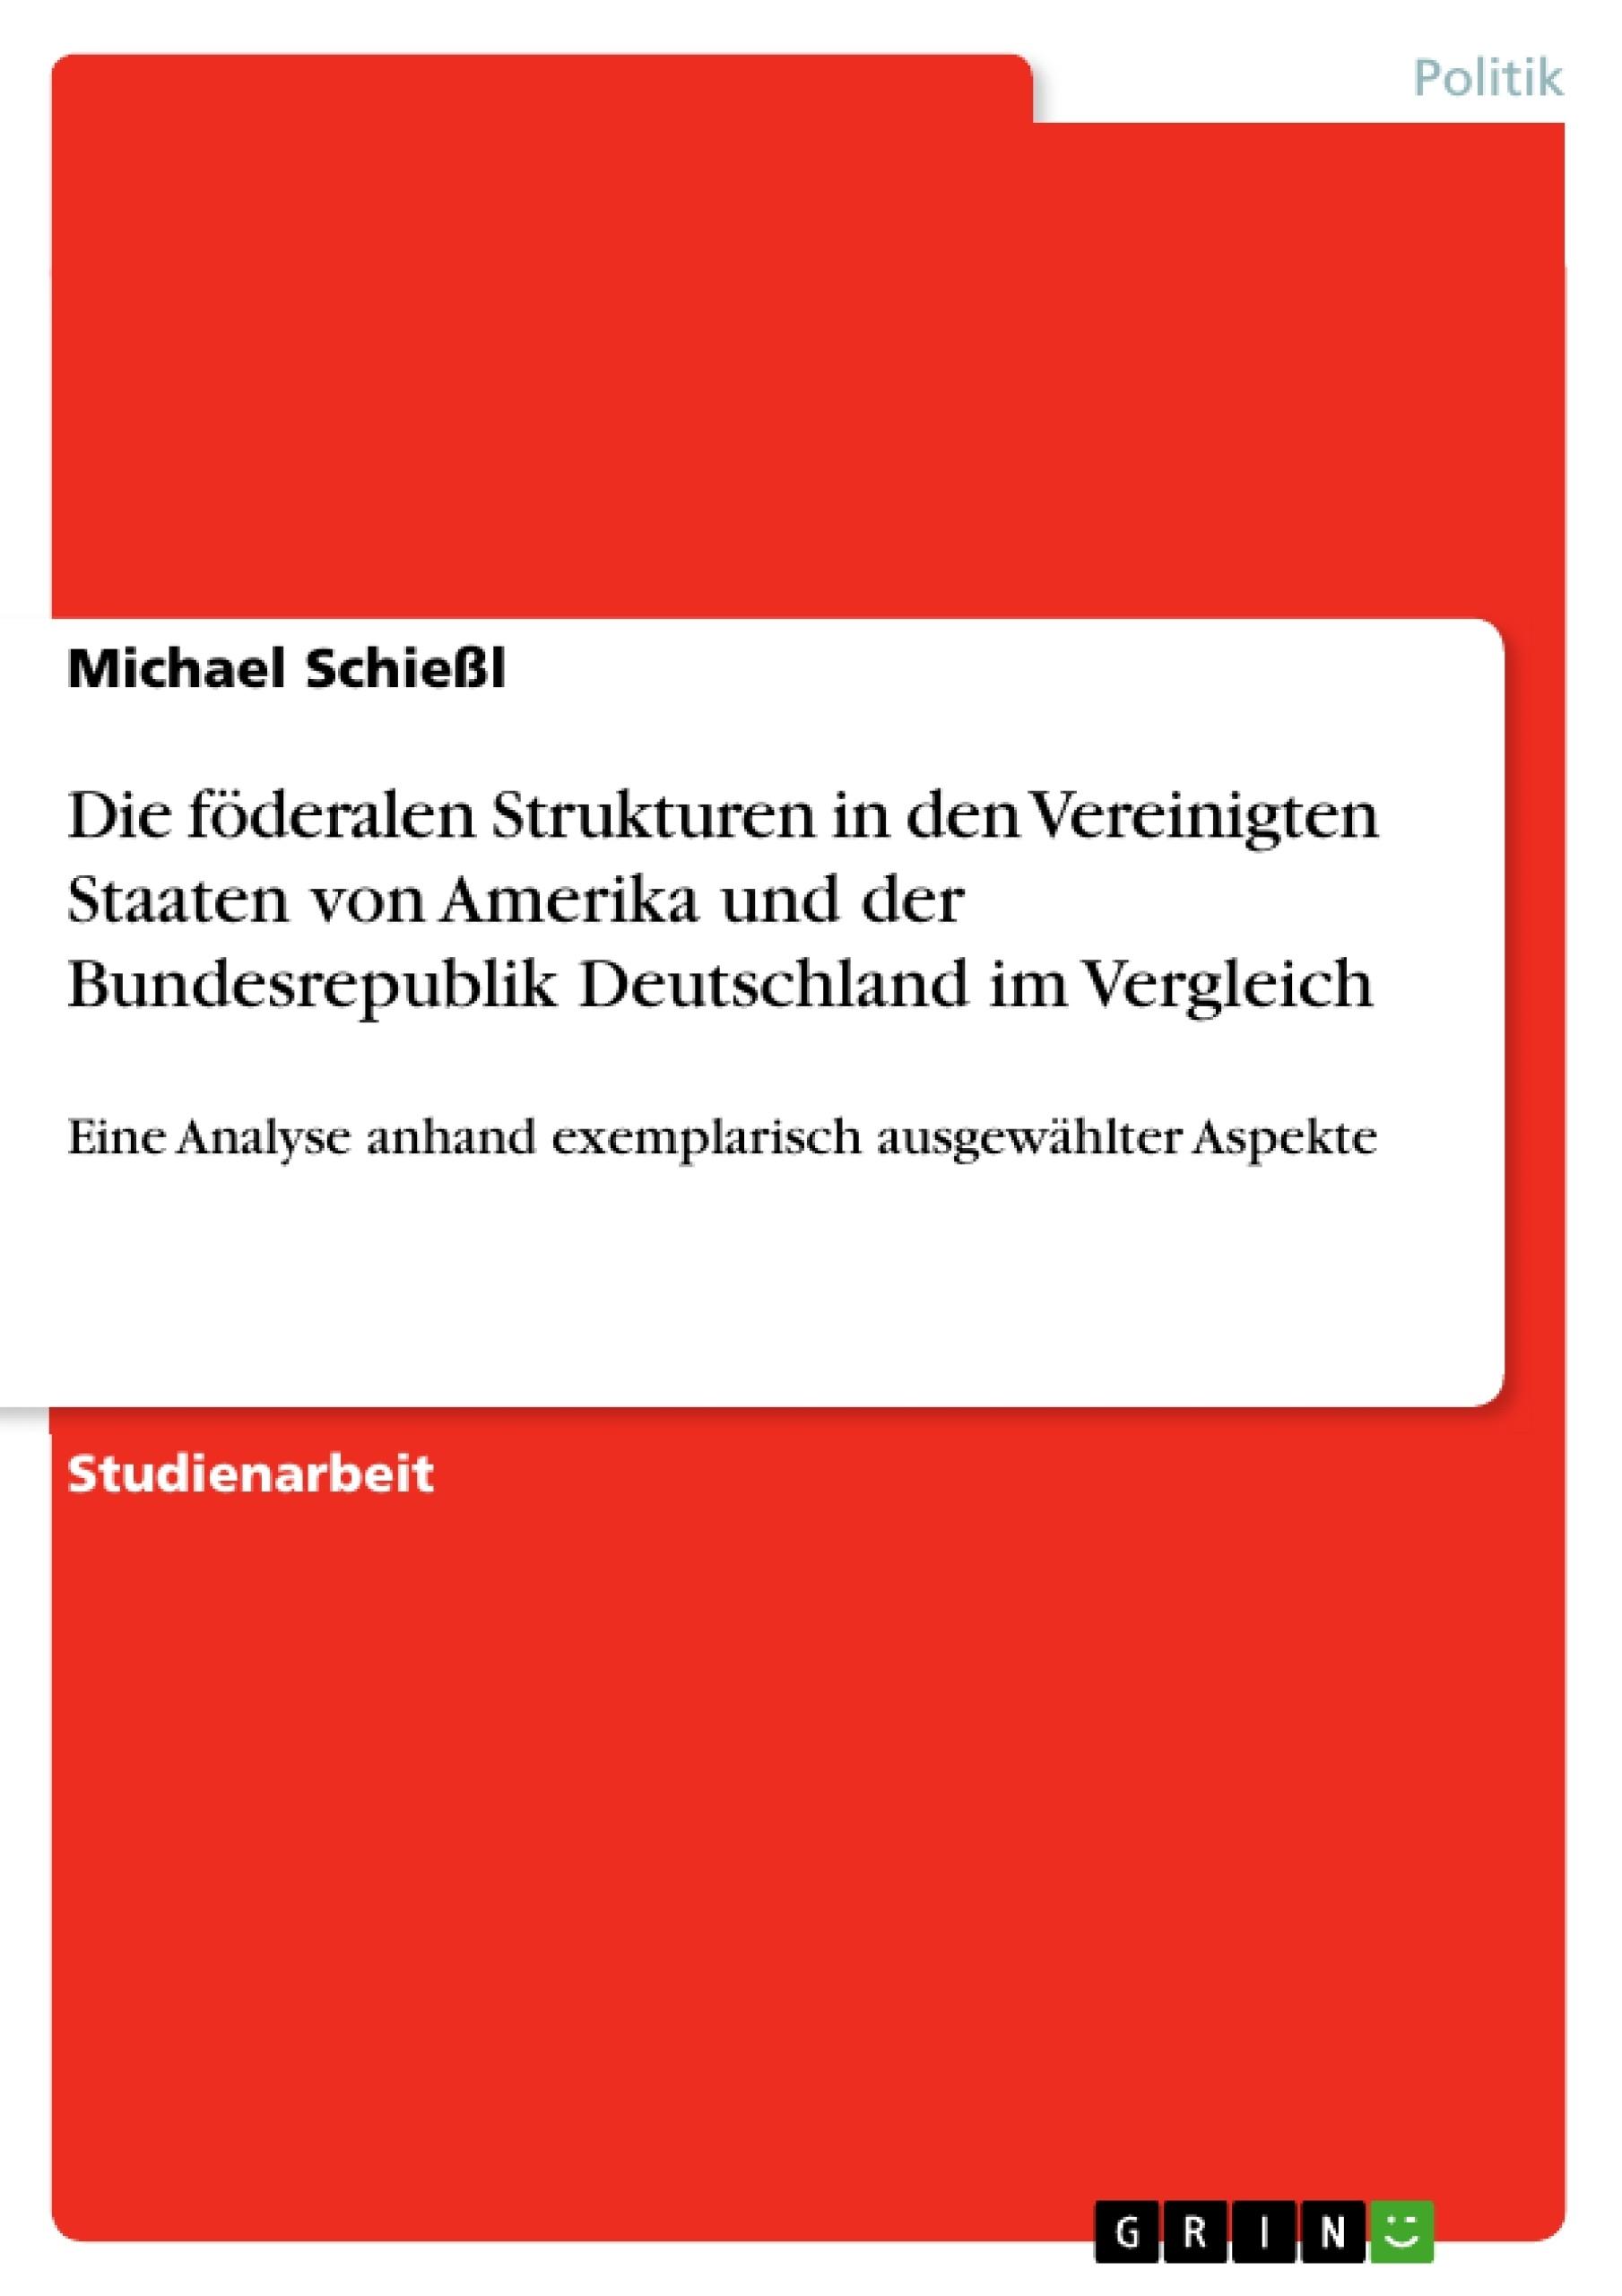 Titel: Die föderalen Strukturen in den Vereinigten Staaten von Amerika und der Bundesrepublik Deutschland im Vergleich